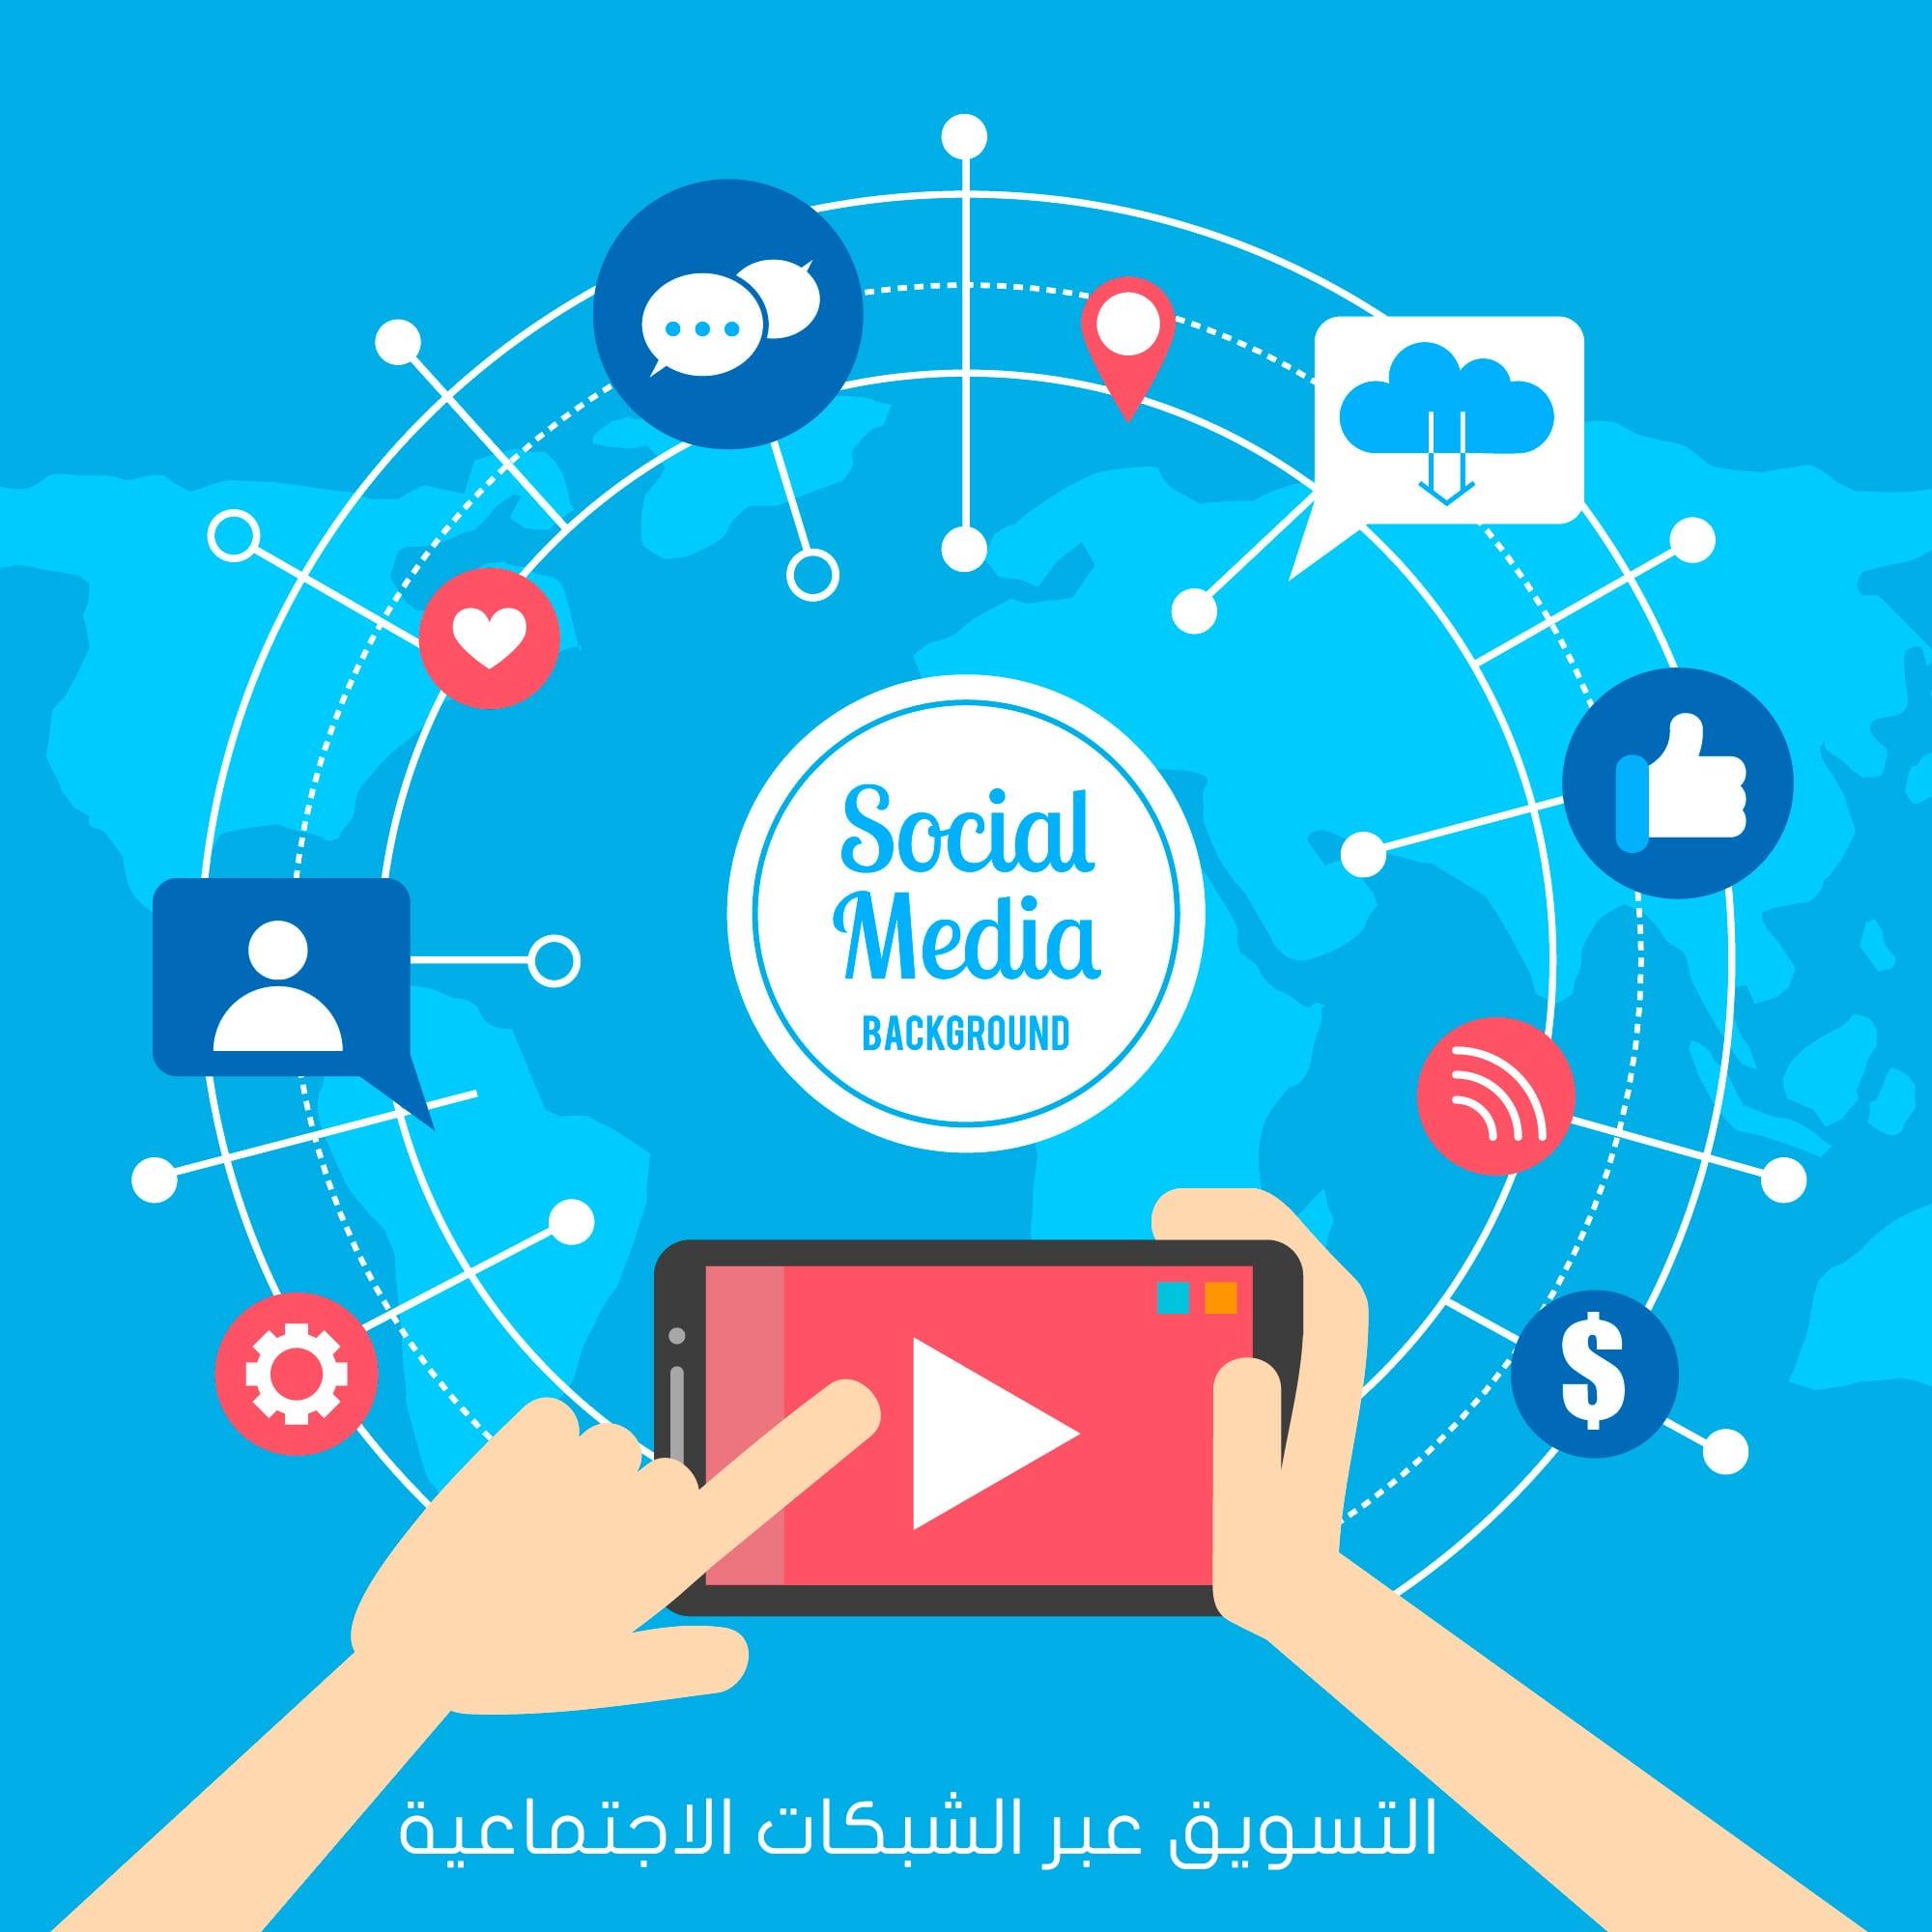 التسويق عبر الشبكات الاجتماعية